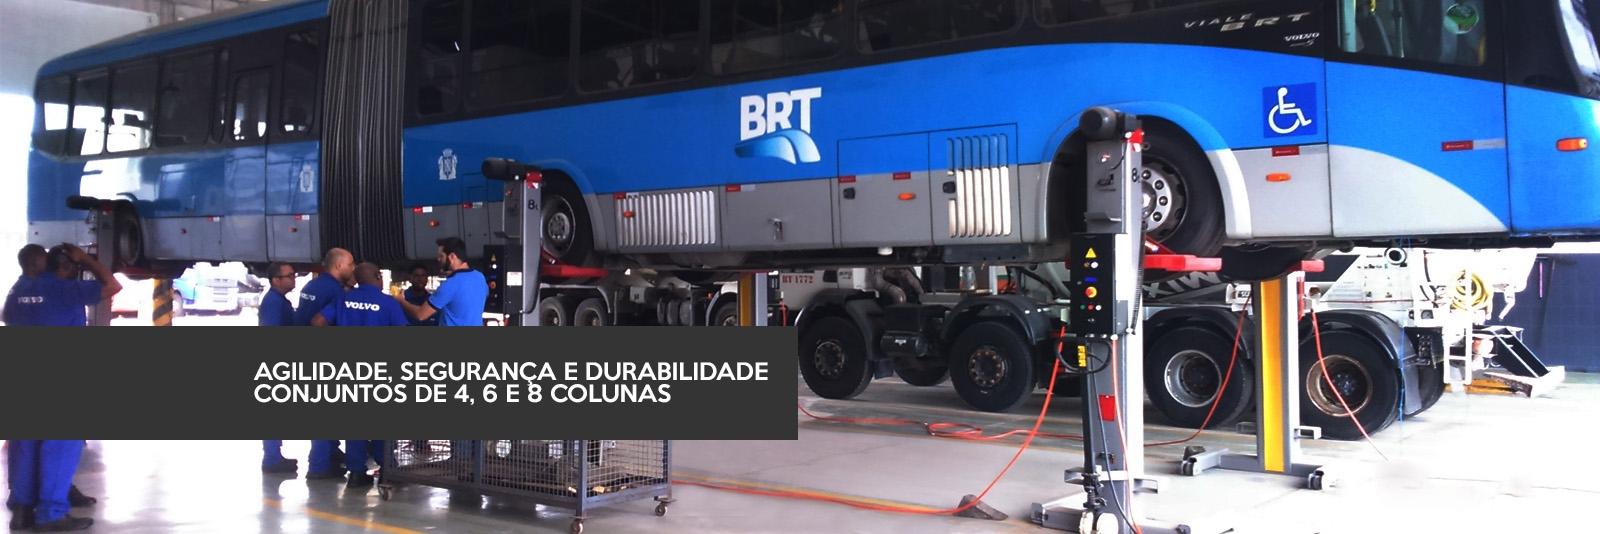 cavalete-automotivo-10-toneladas-industriasaffer-banner1